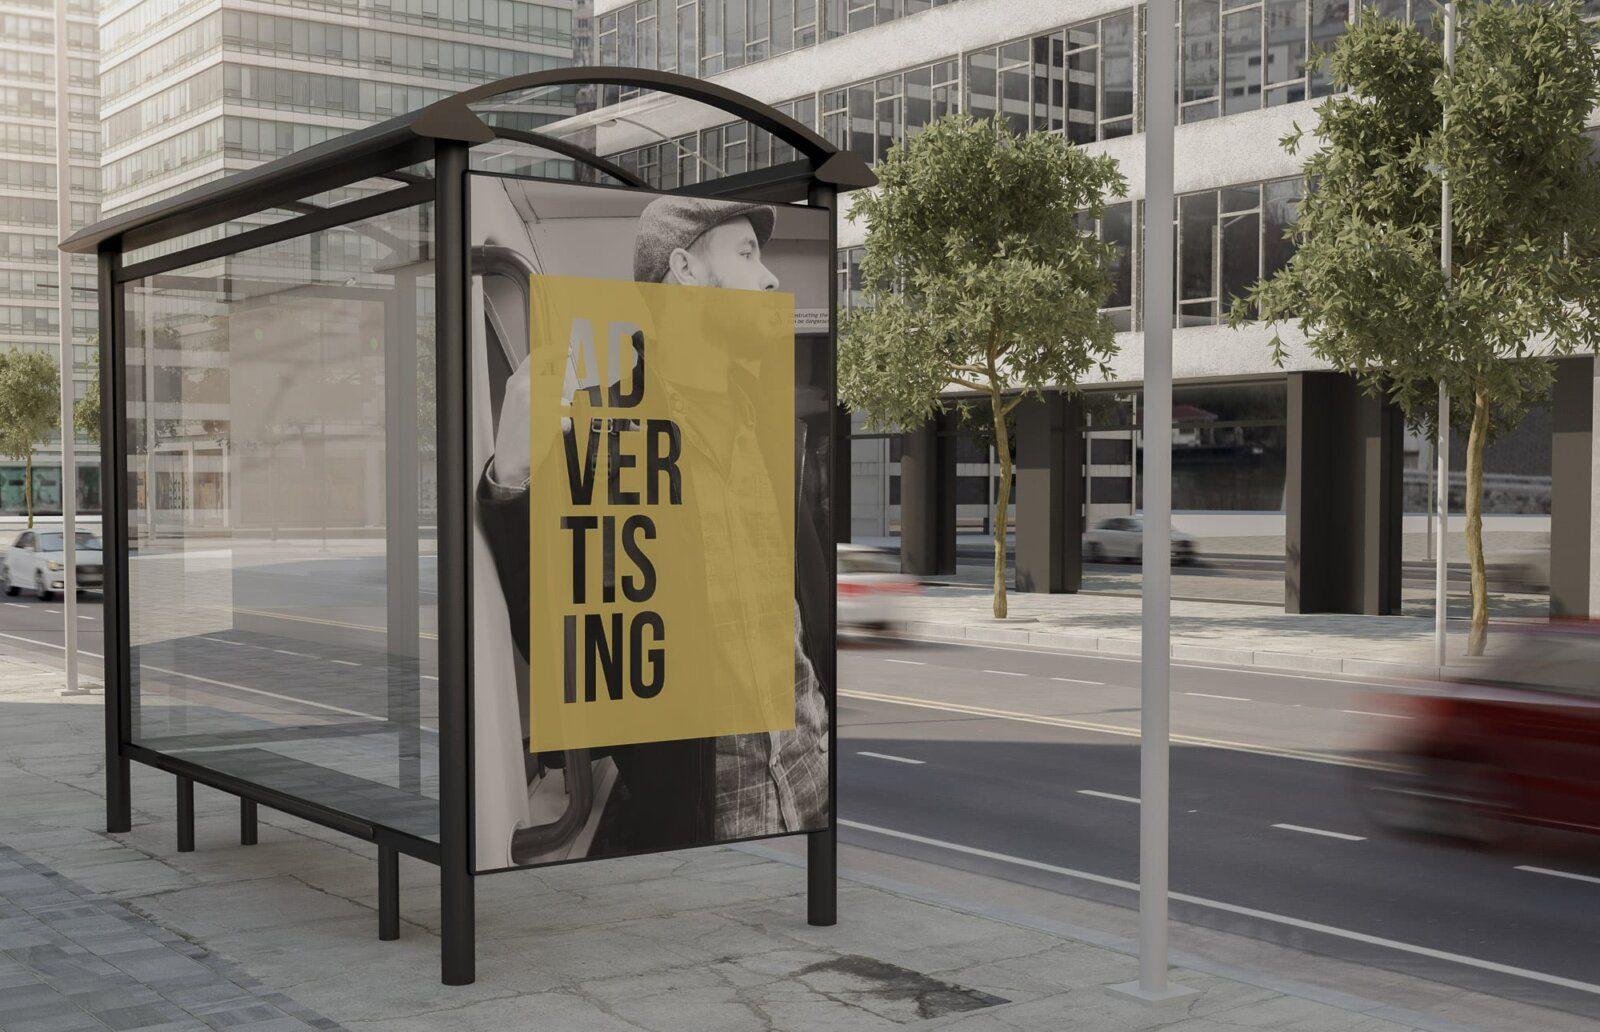 Bus stop alert